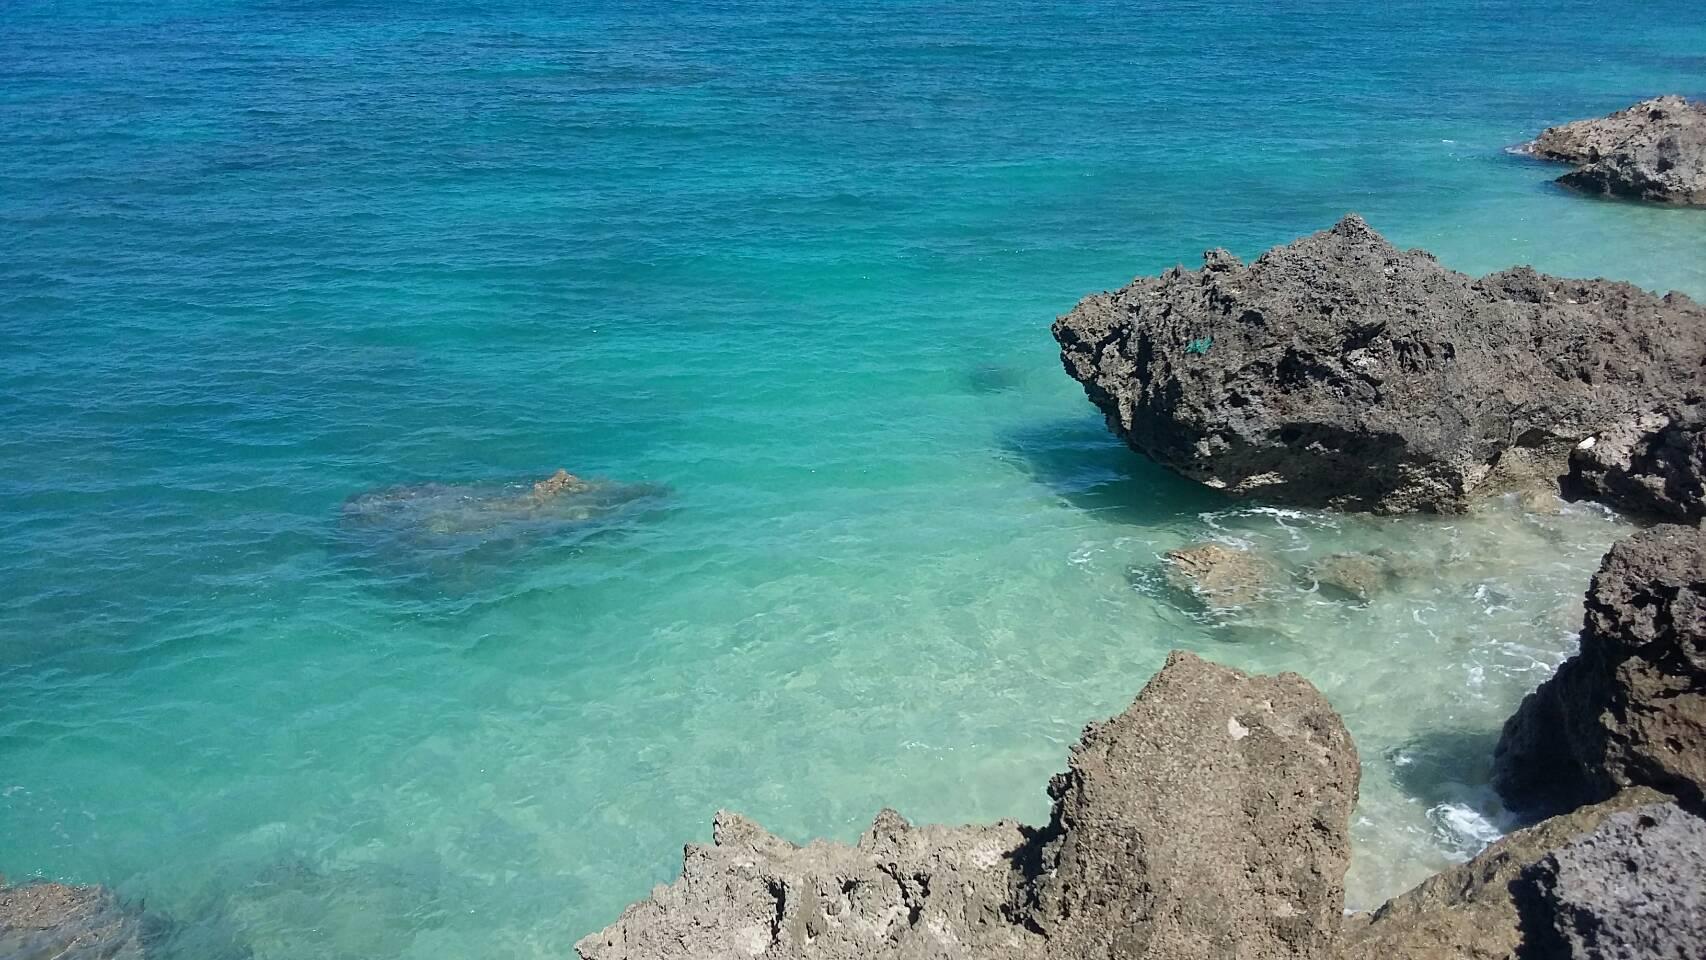 沖縄本島の観光は中北部だけじゃない! 南城市【記事一覧】